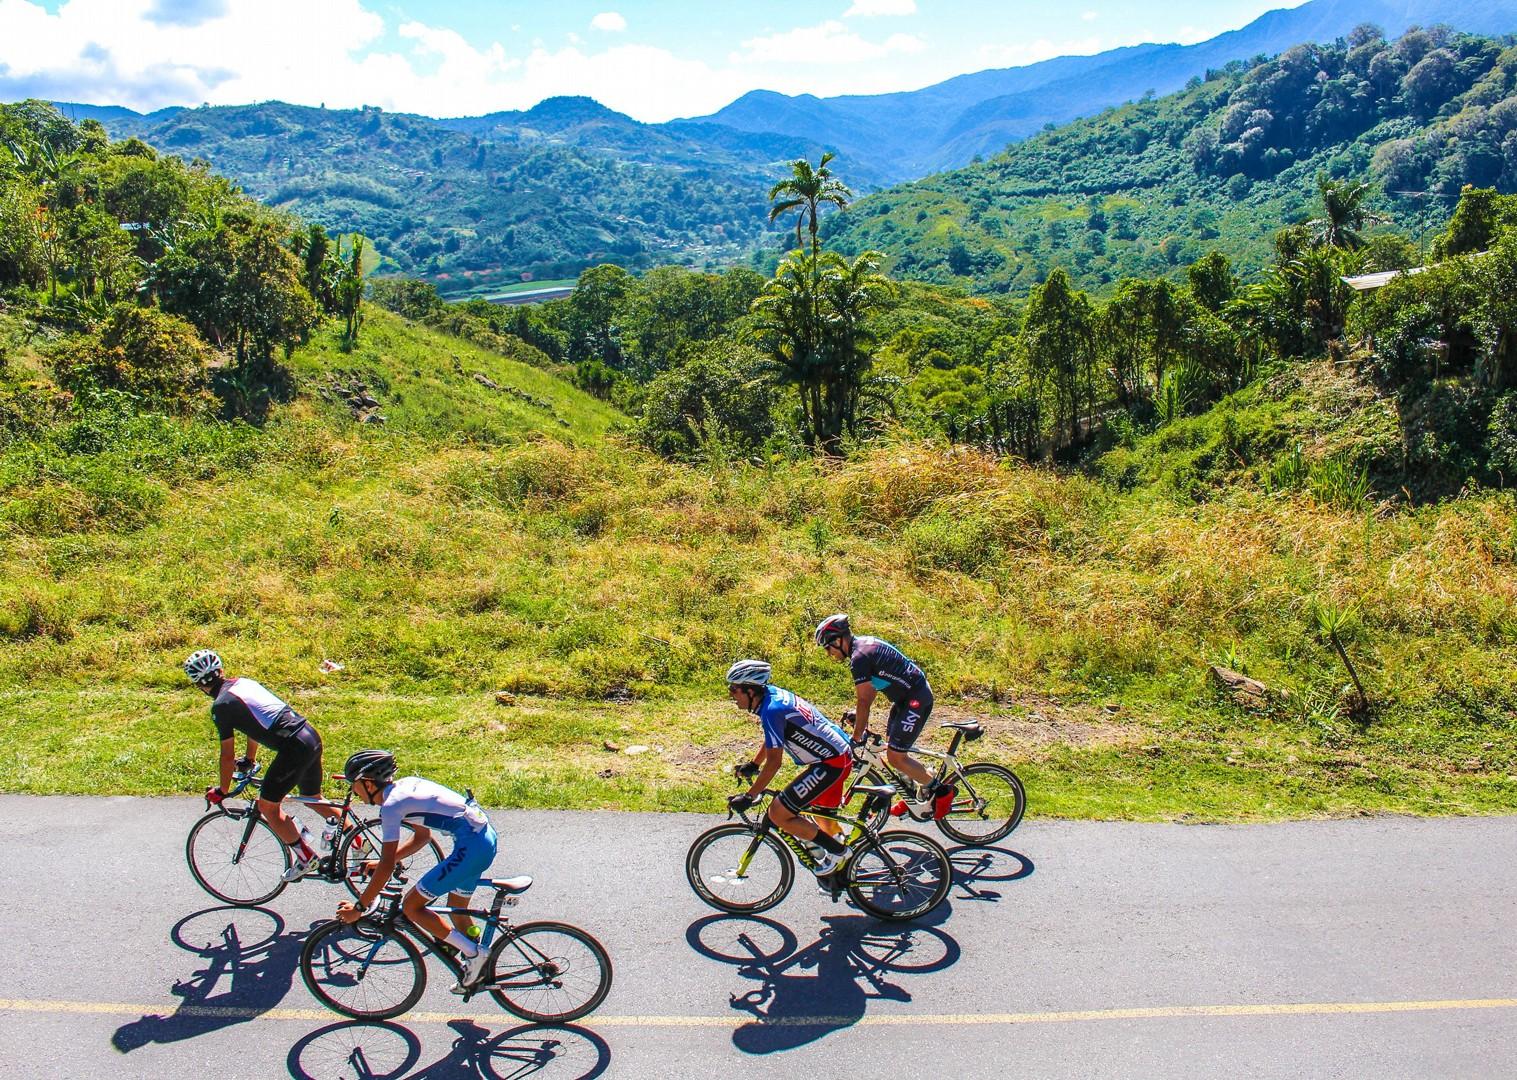 IMG_5886.jpg - Costa Rica - Ruta de los Volcanes - Road Cycling